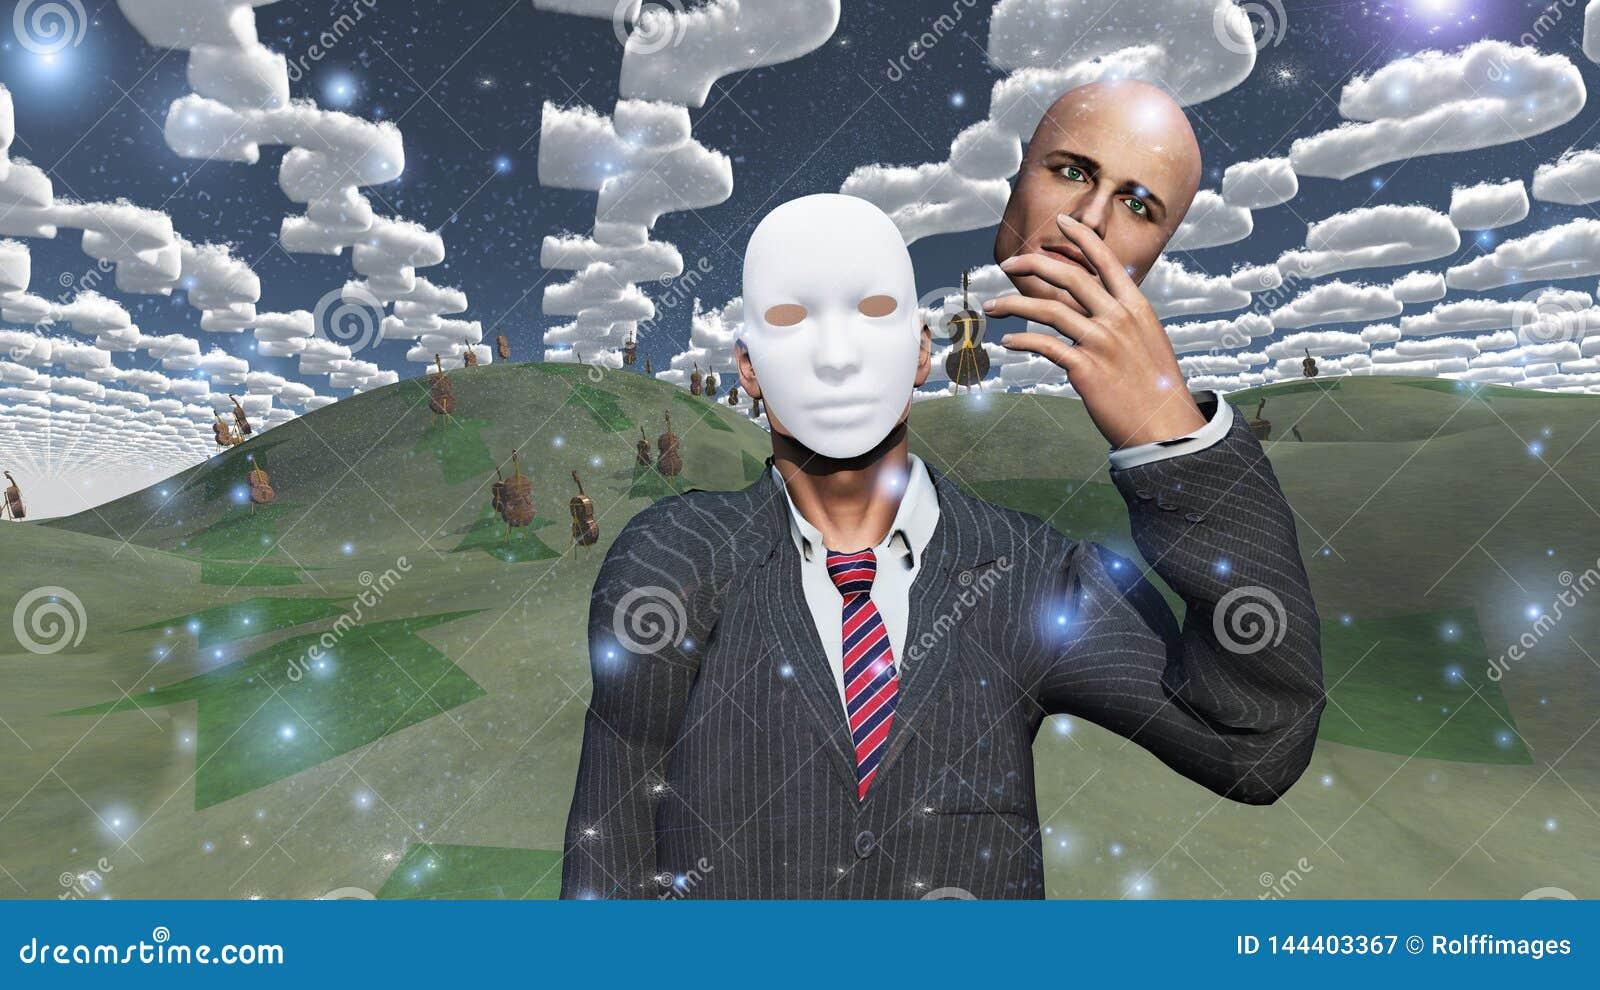 El hombre quita la cara para revelar la máscara